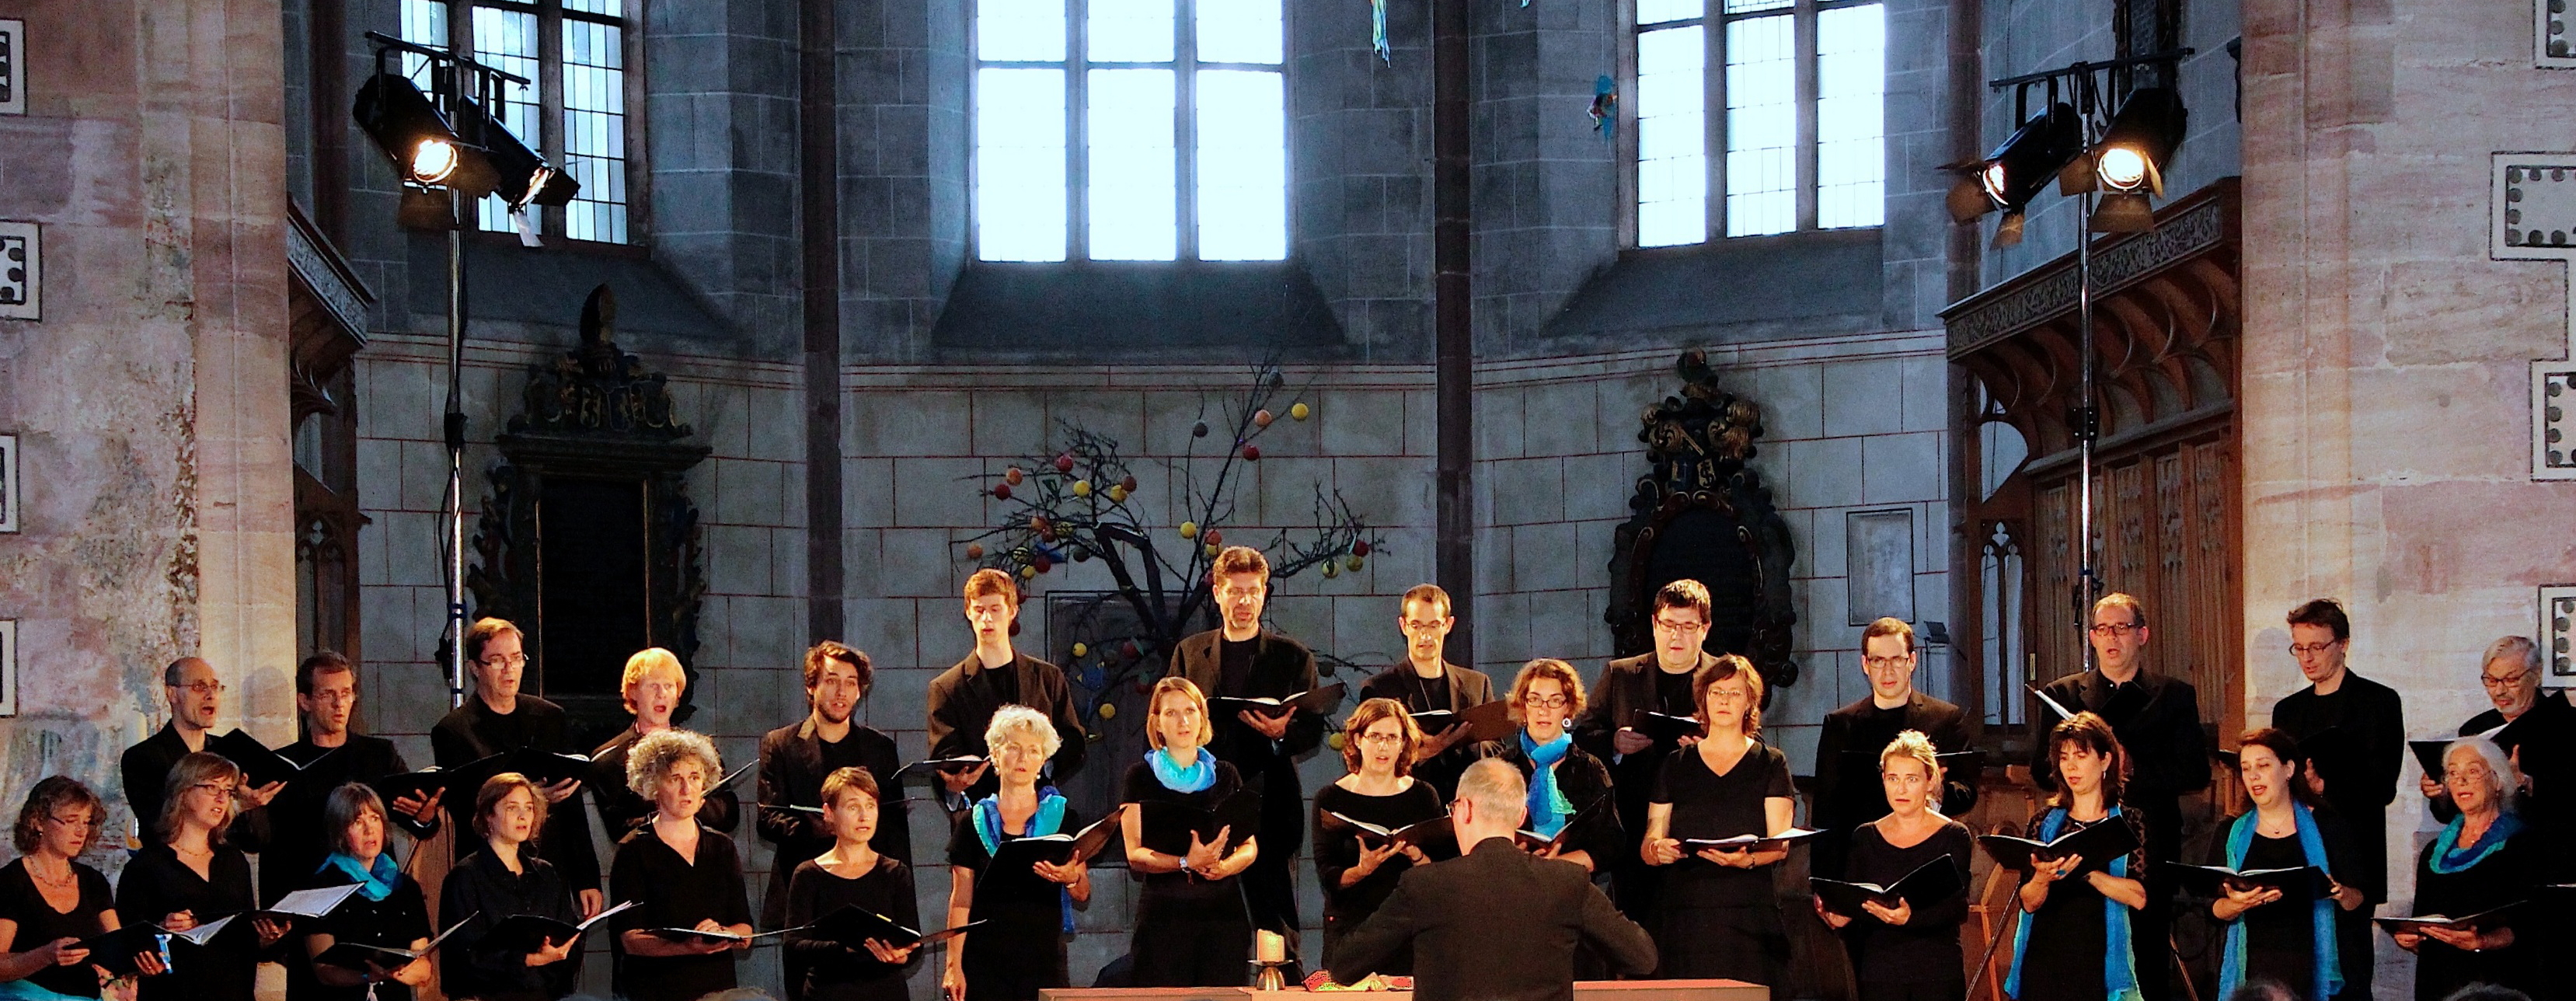 Konzert Kammerchor Notabene Basel - Mendelssohn und Sch�tz